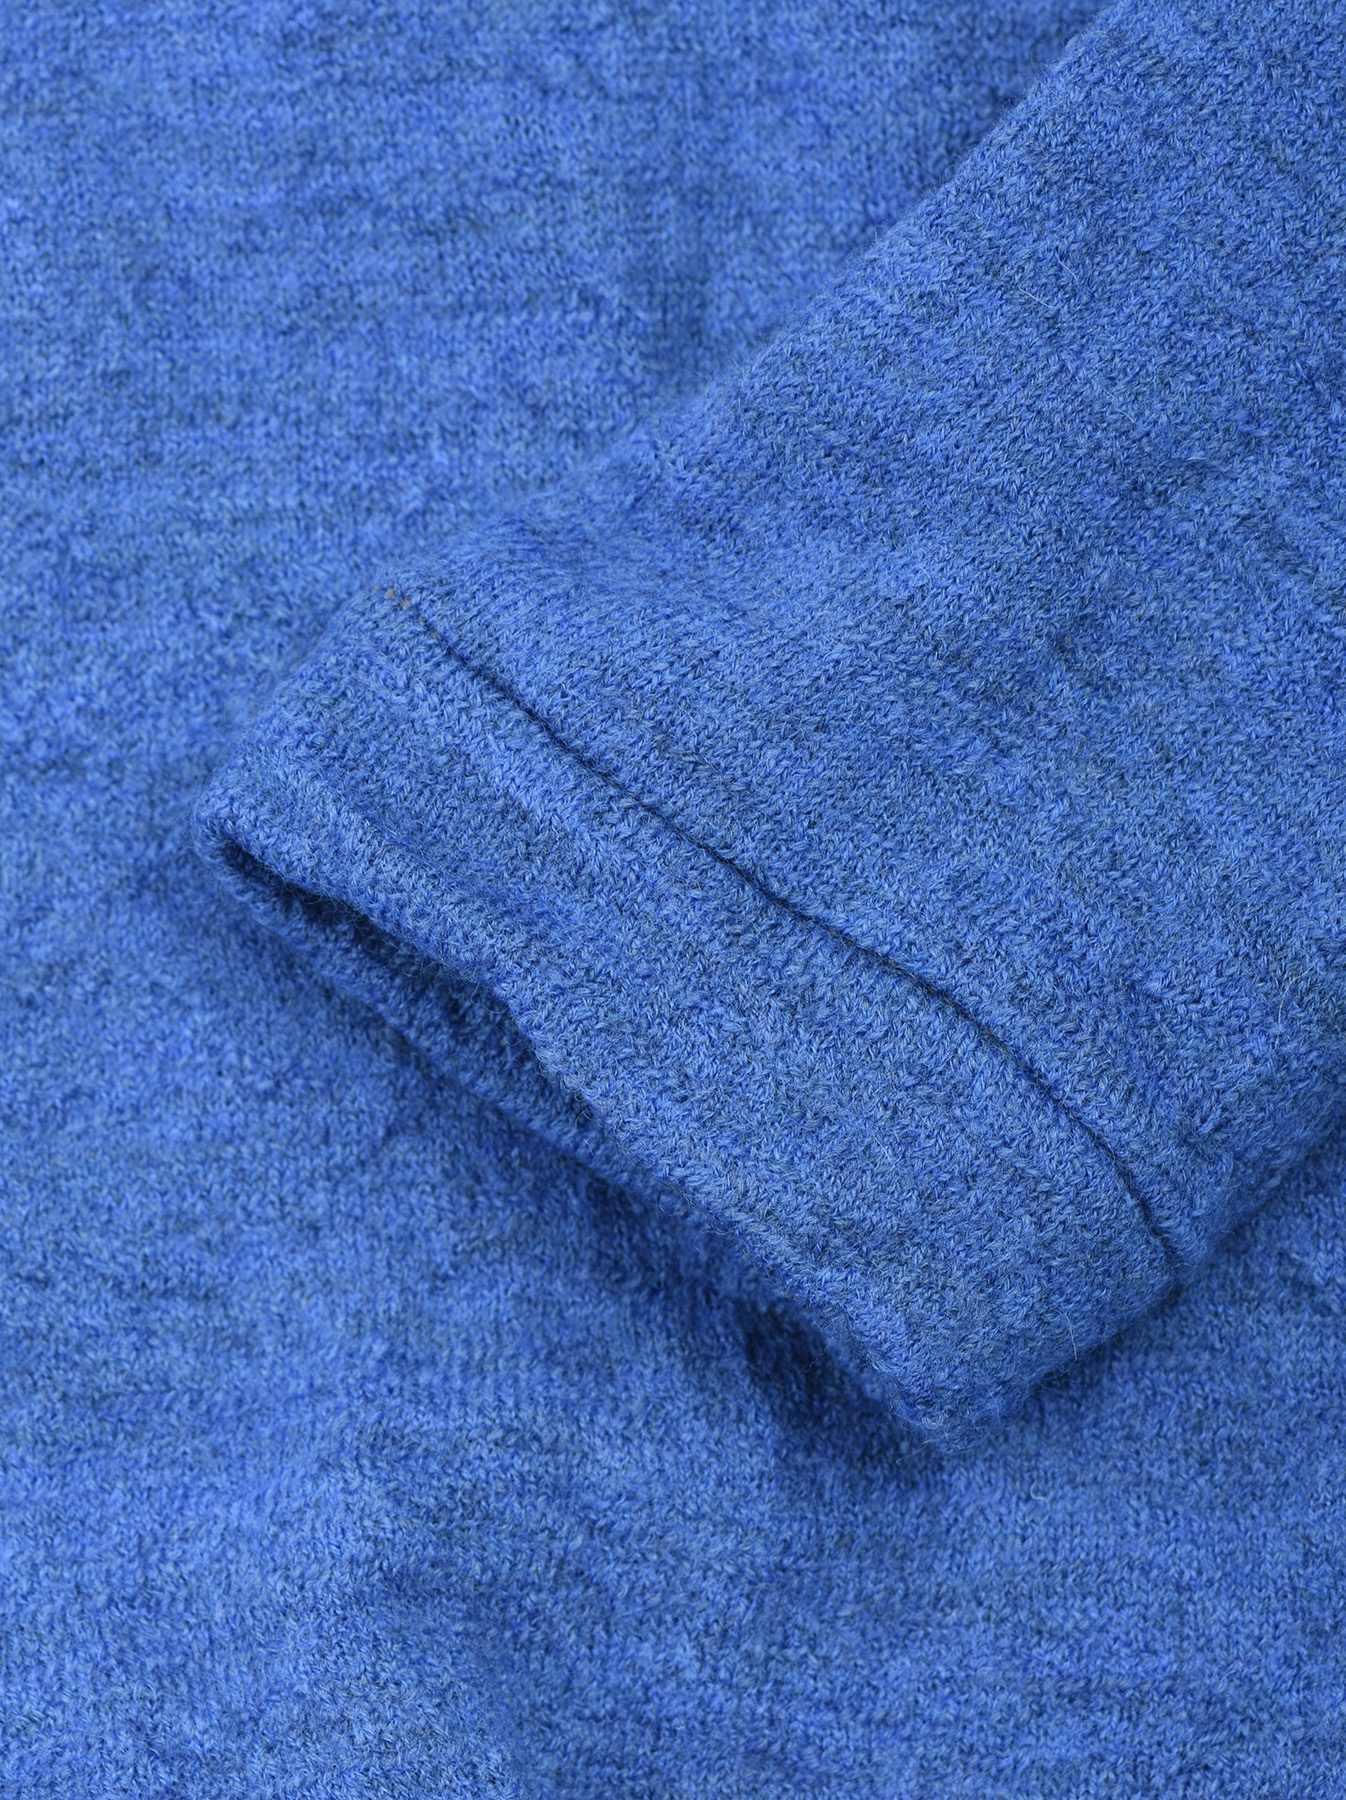 WH Arles Boiled Wool Henley-10